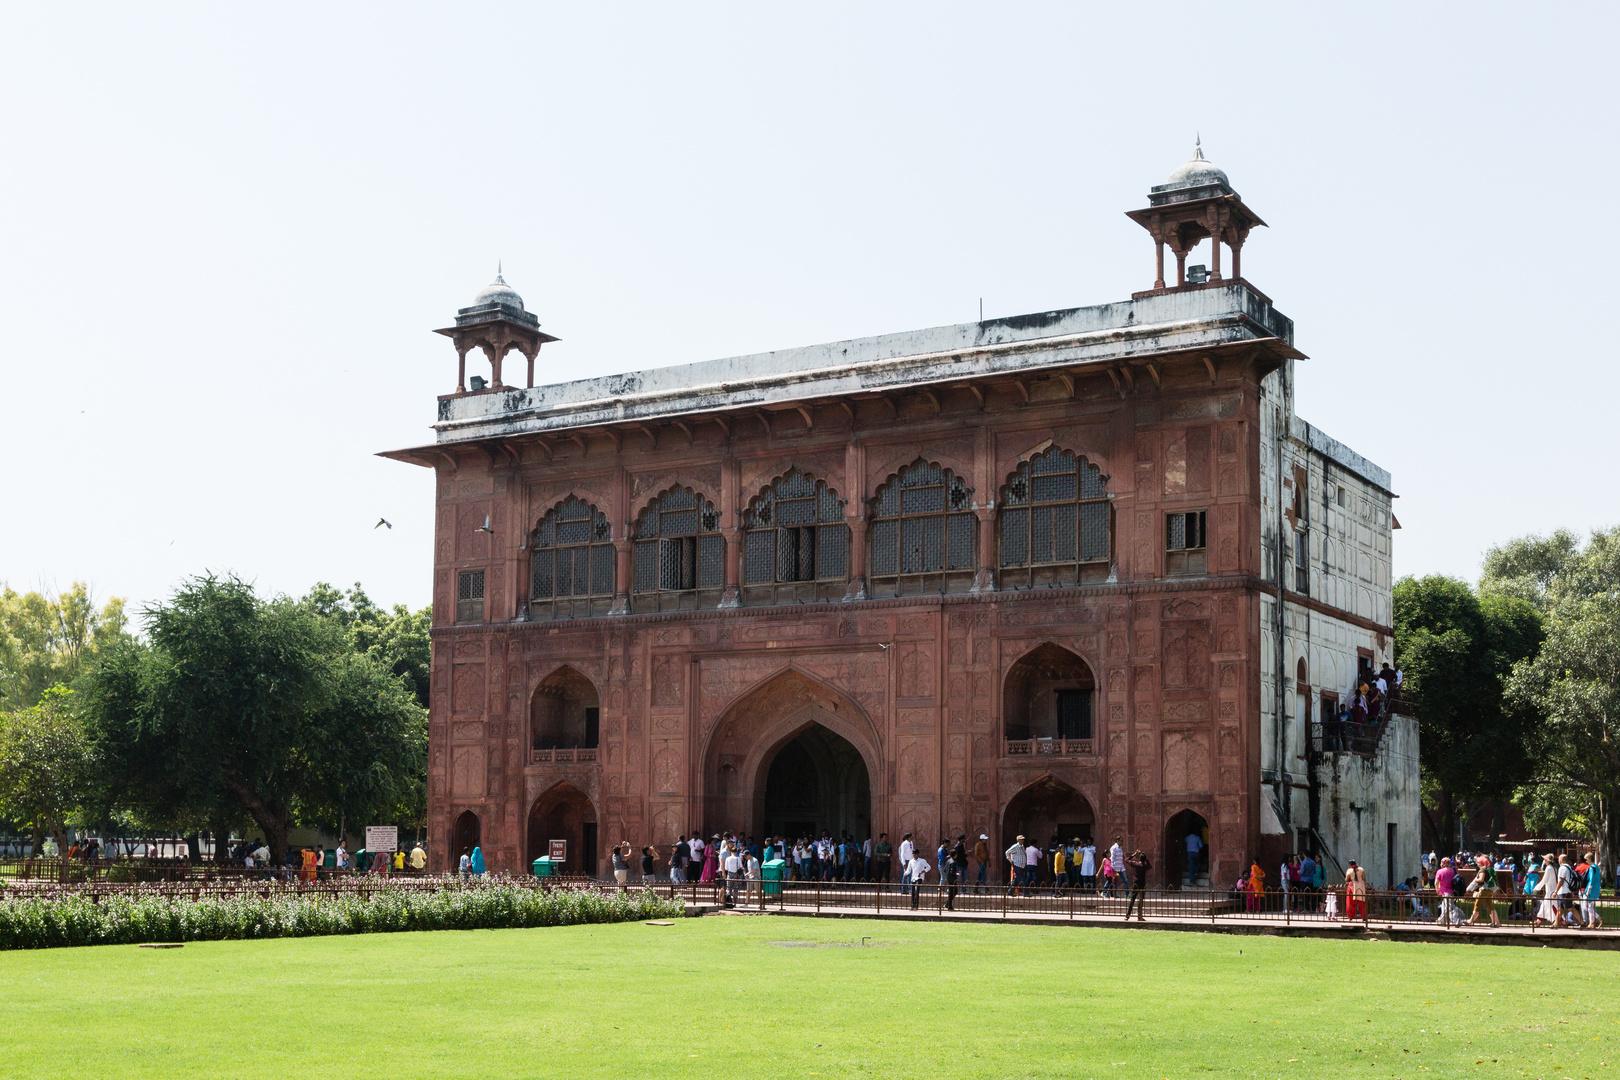 Das Trommelhaus im Roten Fort in Delhi